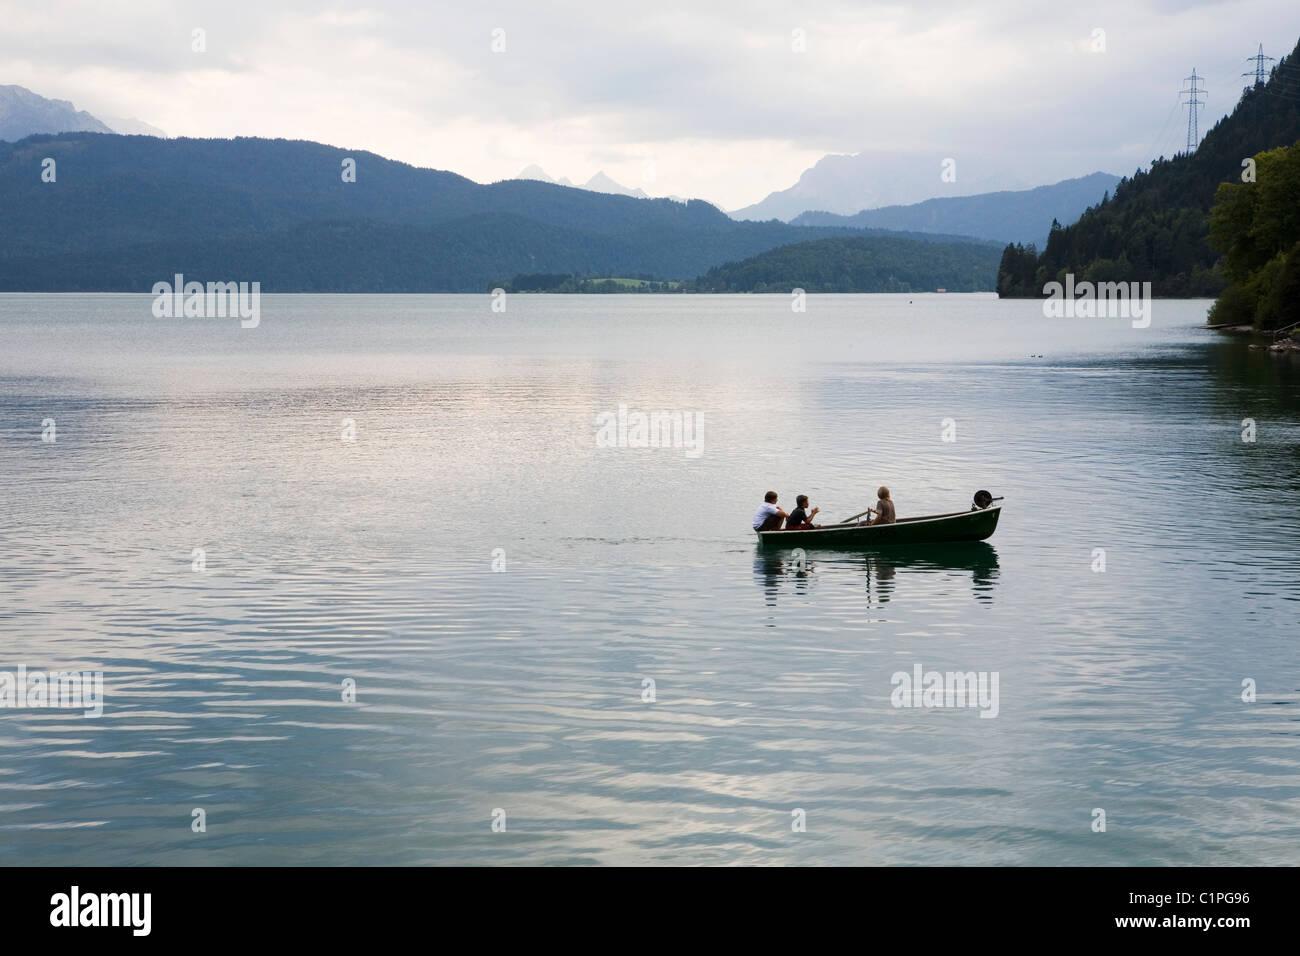 Alemania, remo en el lago Walchensee Imagen De Stock